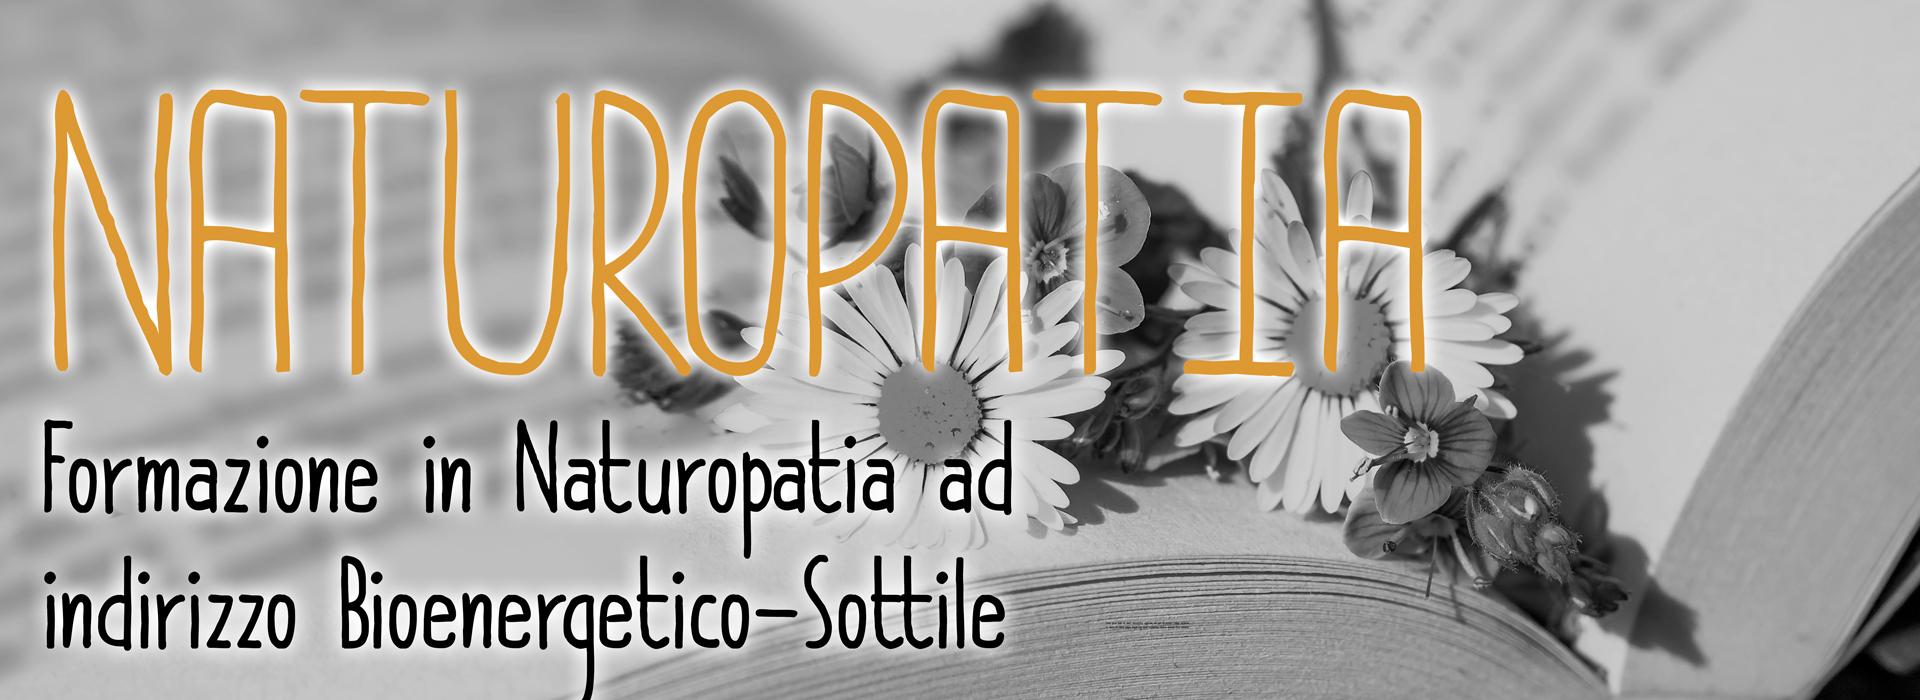 Corsi di Naturopatia accademia olistica università scuola hamors Jesolo san donà di piave veneto italiana certificata ufficiale